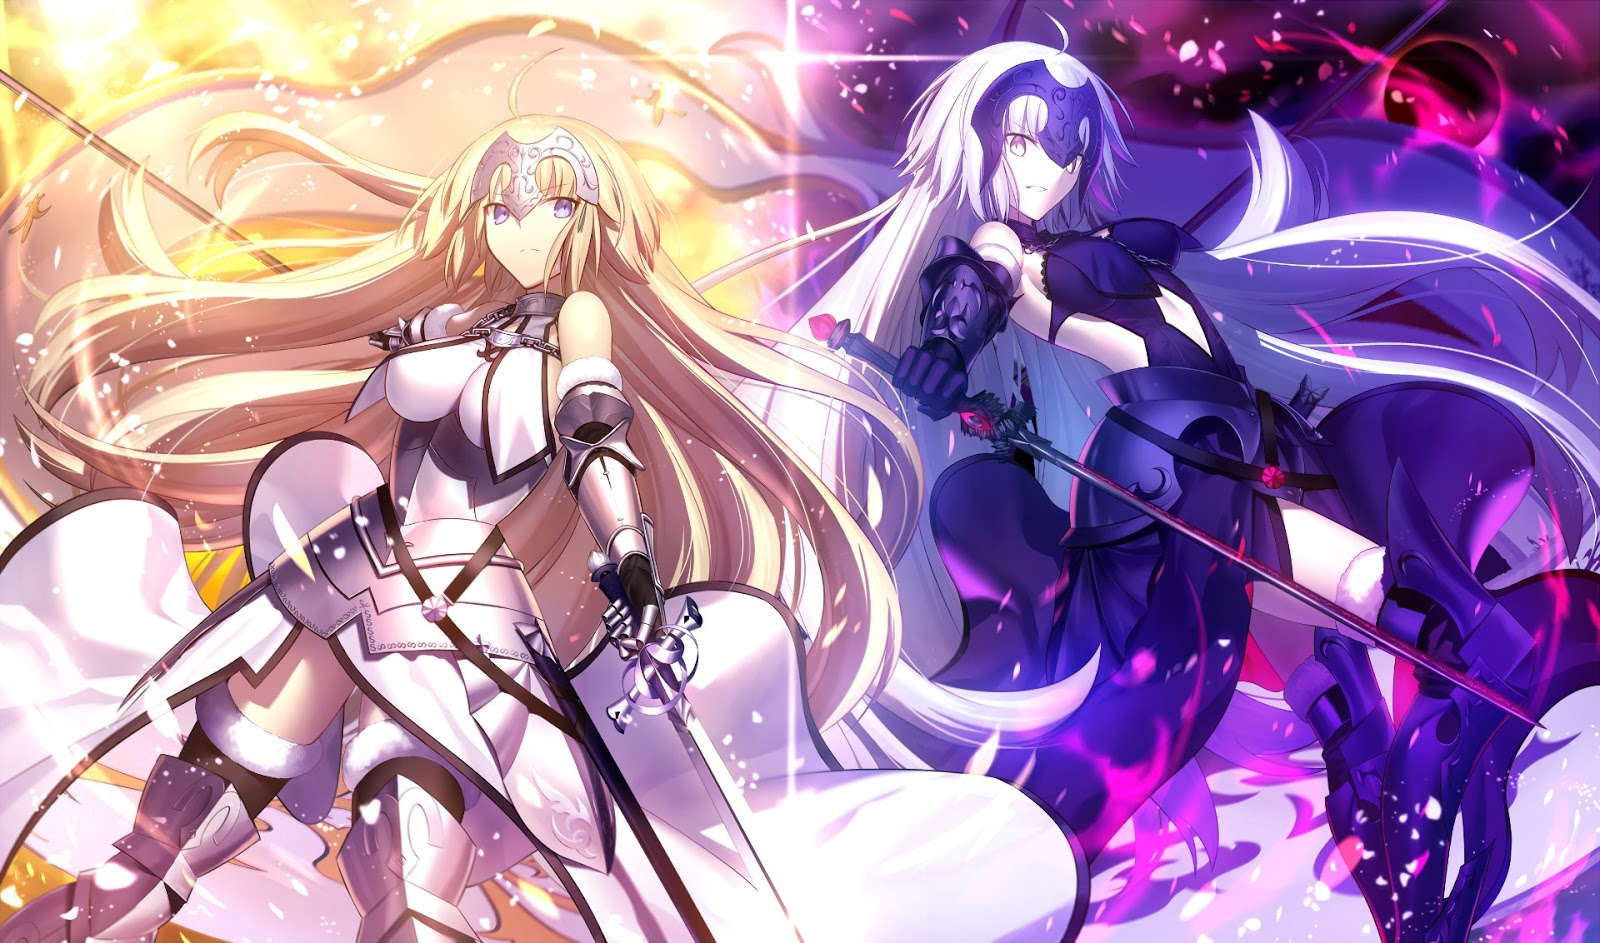 Fate AowVN%2B%252814%2529 - [ Hình Nền ] Anime Fate/GrandOrder tuyệt đẹp Full HD | Wallpaper